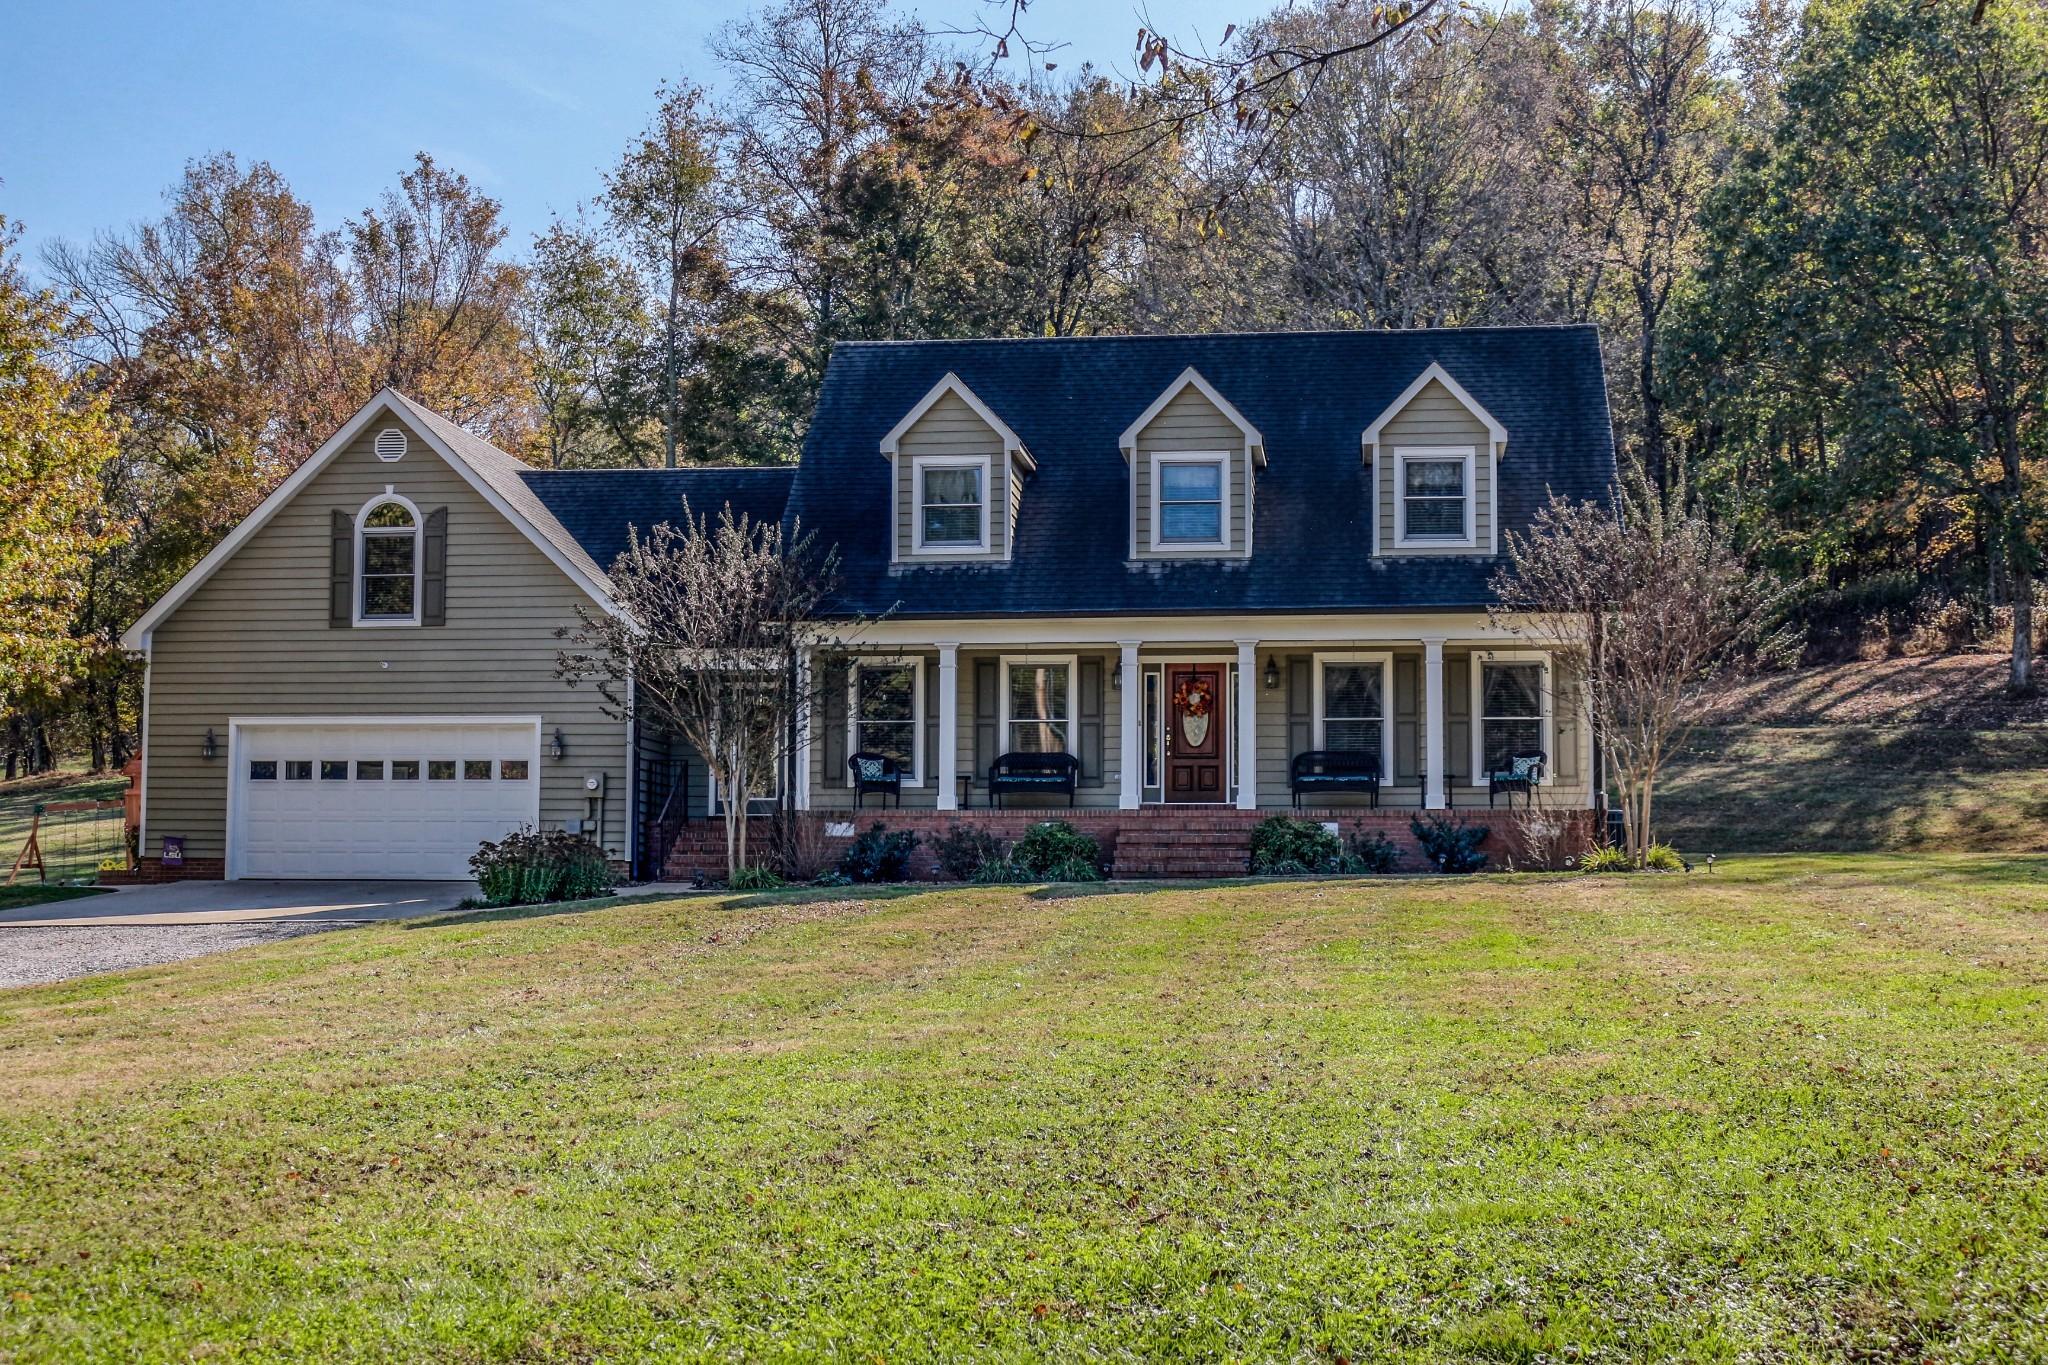 4533 Stockard Rd, Culleoka, TN 38451 - Culleoka, TN real estate listing